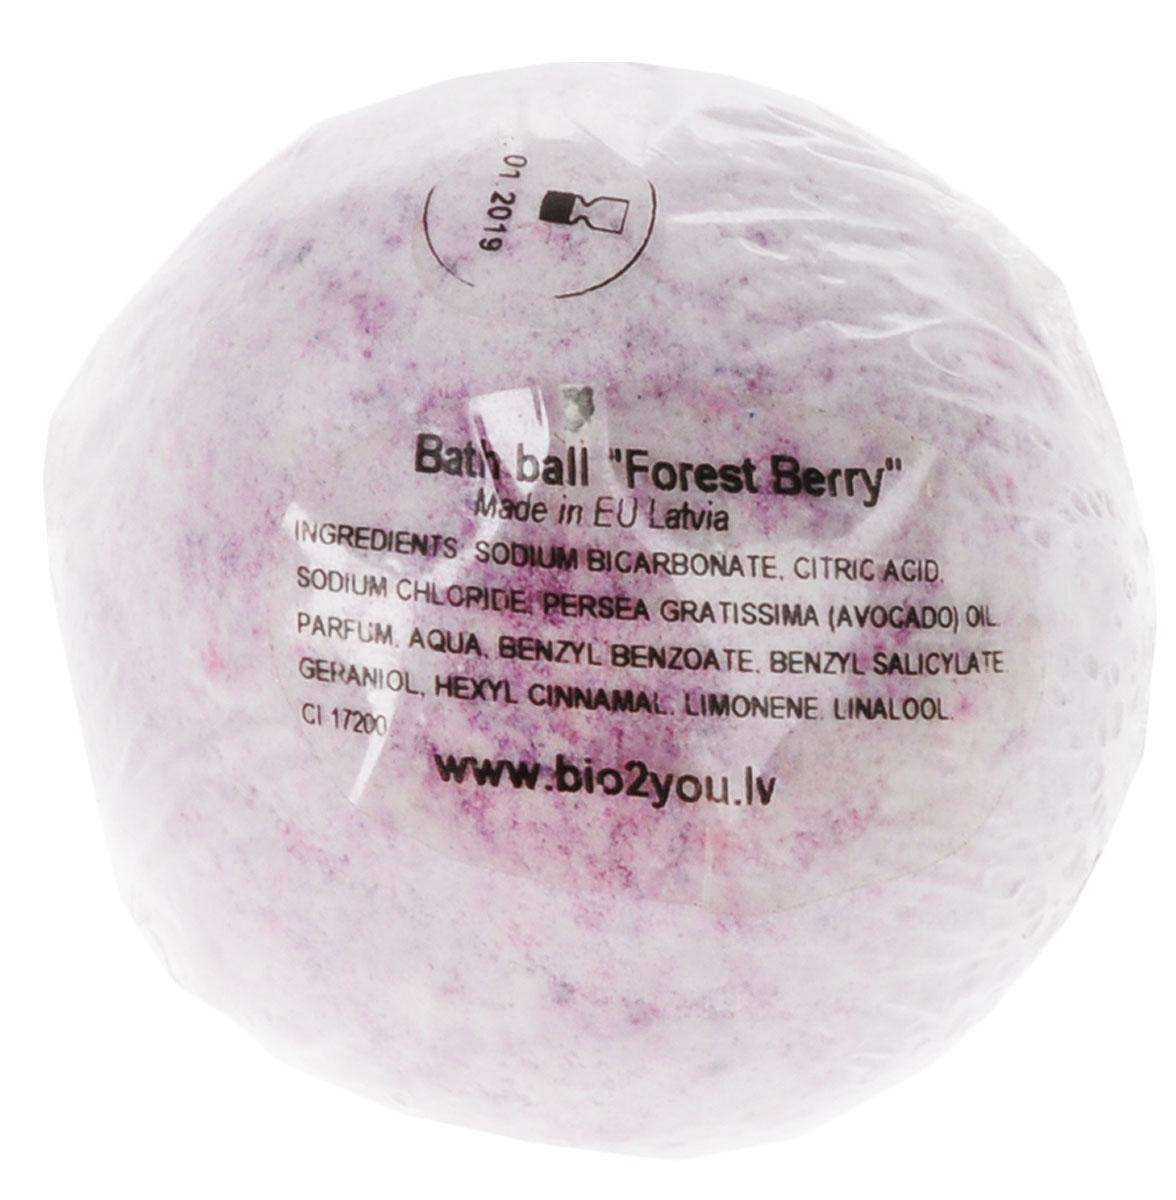 BIO2You Шарик для ванны Лесная ягода, 125 гAC-2233_серыйВ составе шариков для ванны: масло авокадо – питает кожу, снимает раздражения и стимулирует выработку коллагена, который придает упругость коже и предотвращает ее преждевременное старение. Масло авокадо проникает глубоко в кожу, что делает его незаменимым средством по уходу.